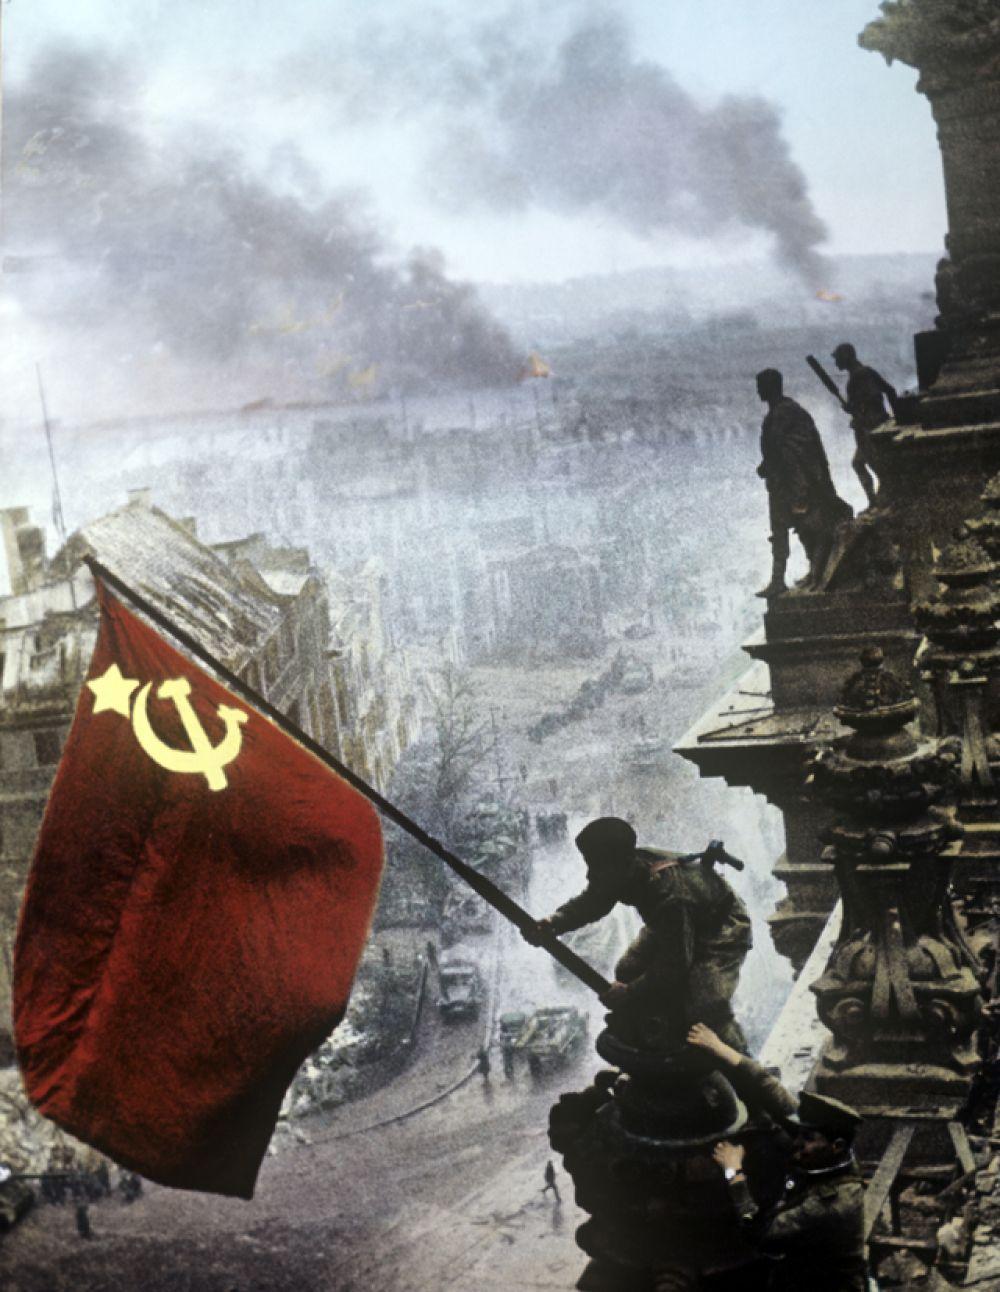 «Знамя Победы над Рейхстагом» («Красное знамя над Рейхстагом») — серия снимков советского военного корреспондента Евгения Халдея, сделанных на крыше здания полуразрушенного нацистского парламента. Фотографии этой серии являются одними из наиболее распространенных снимков Второй мировой войны.